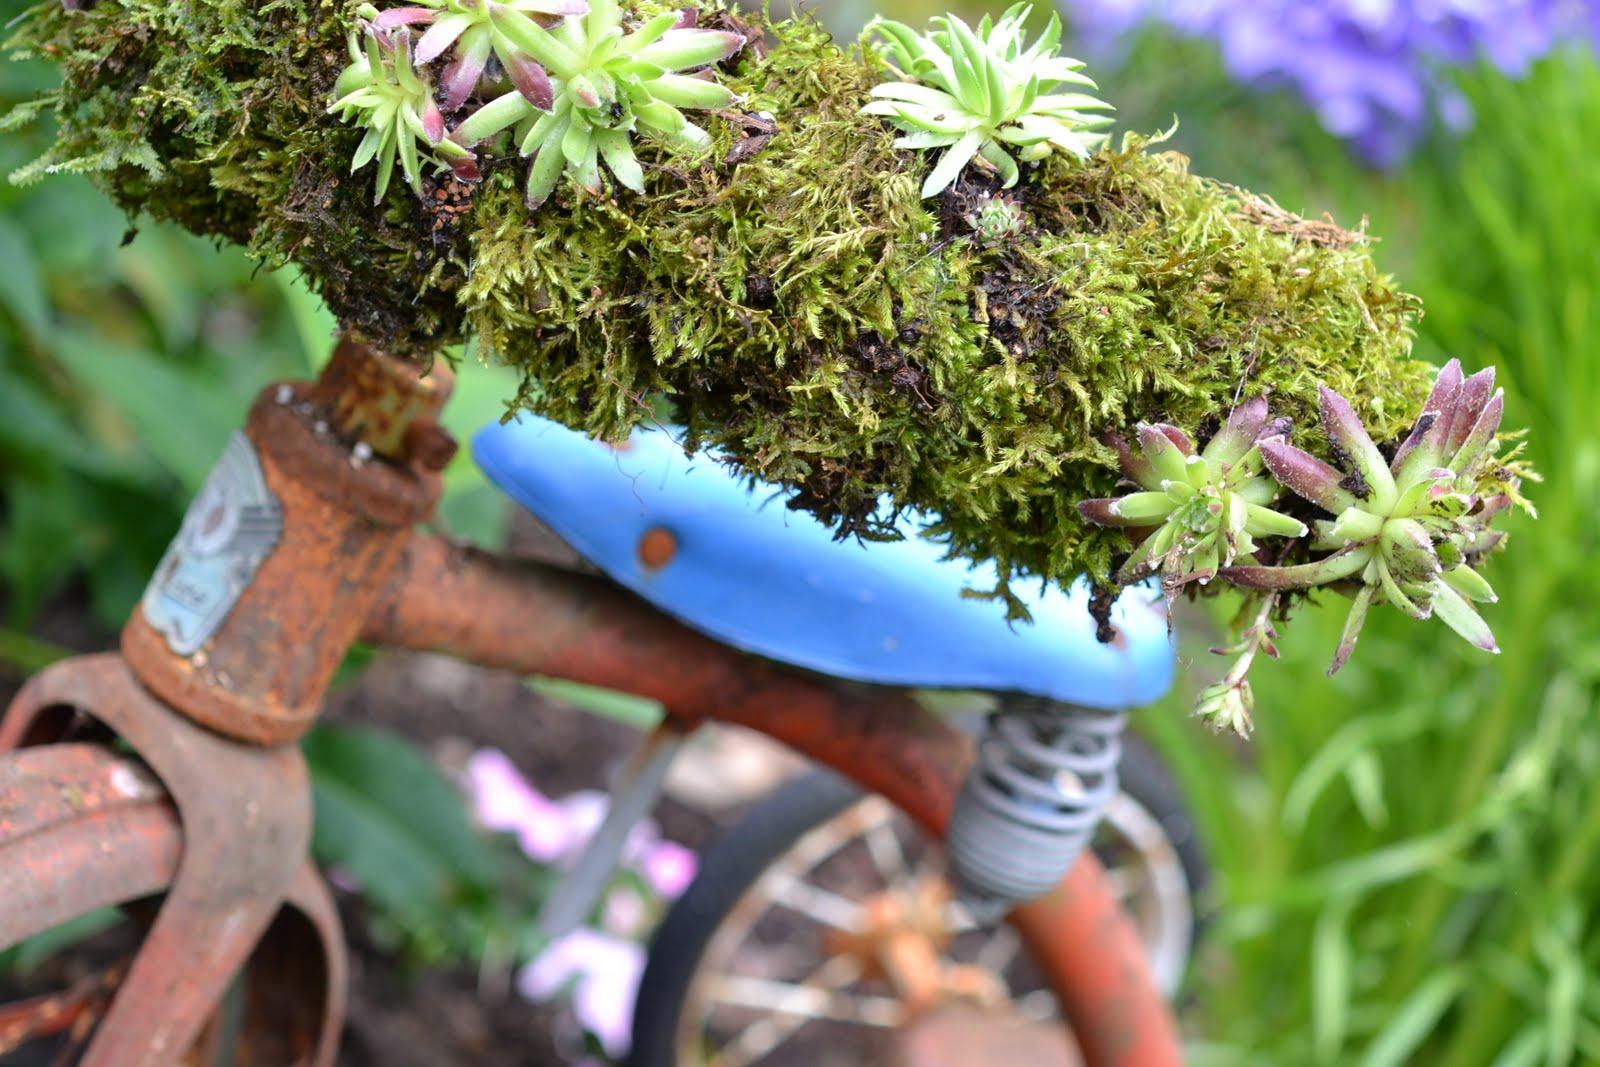 http://1.bp.blogspot.com/-OGTQnMj2y64/TgPCnsPpTEI/AAAAAAAADQQ/MfKhQ3vY3IQ/s1600/plants+005.JPG